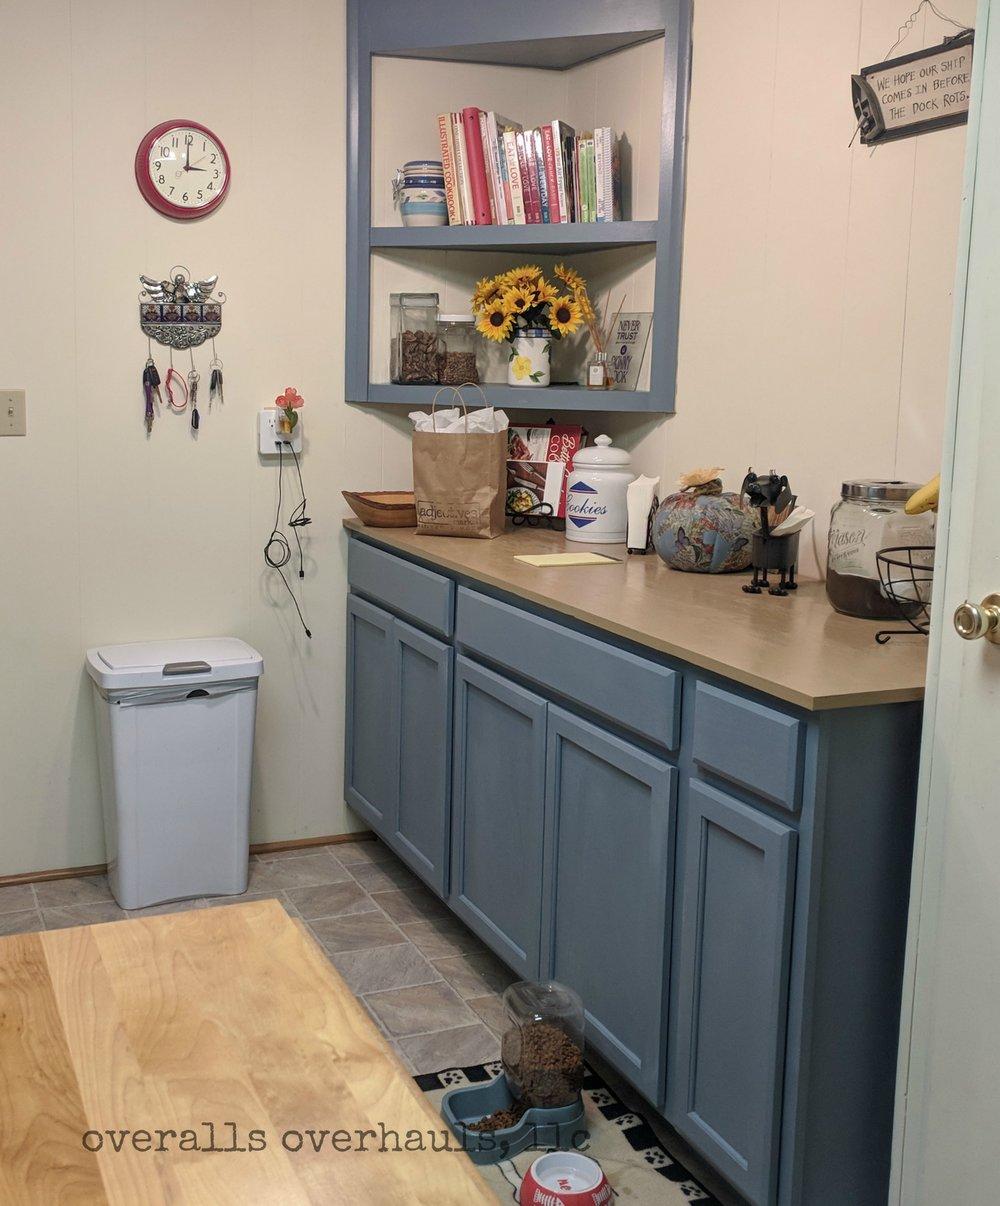 donna kitchen done 2.jpg